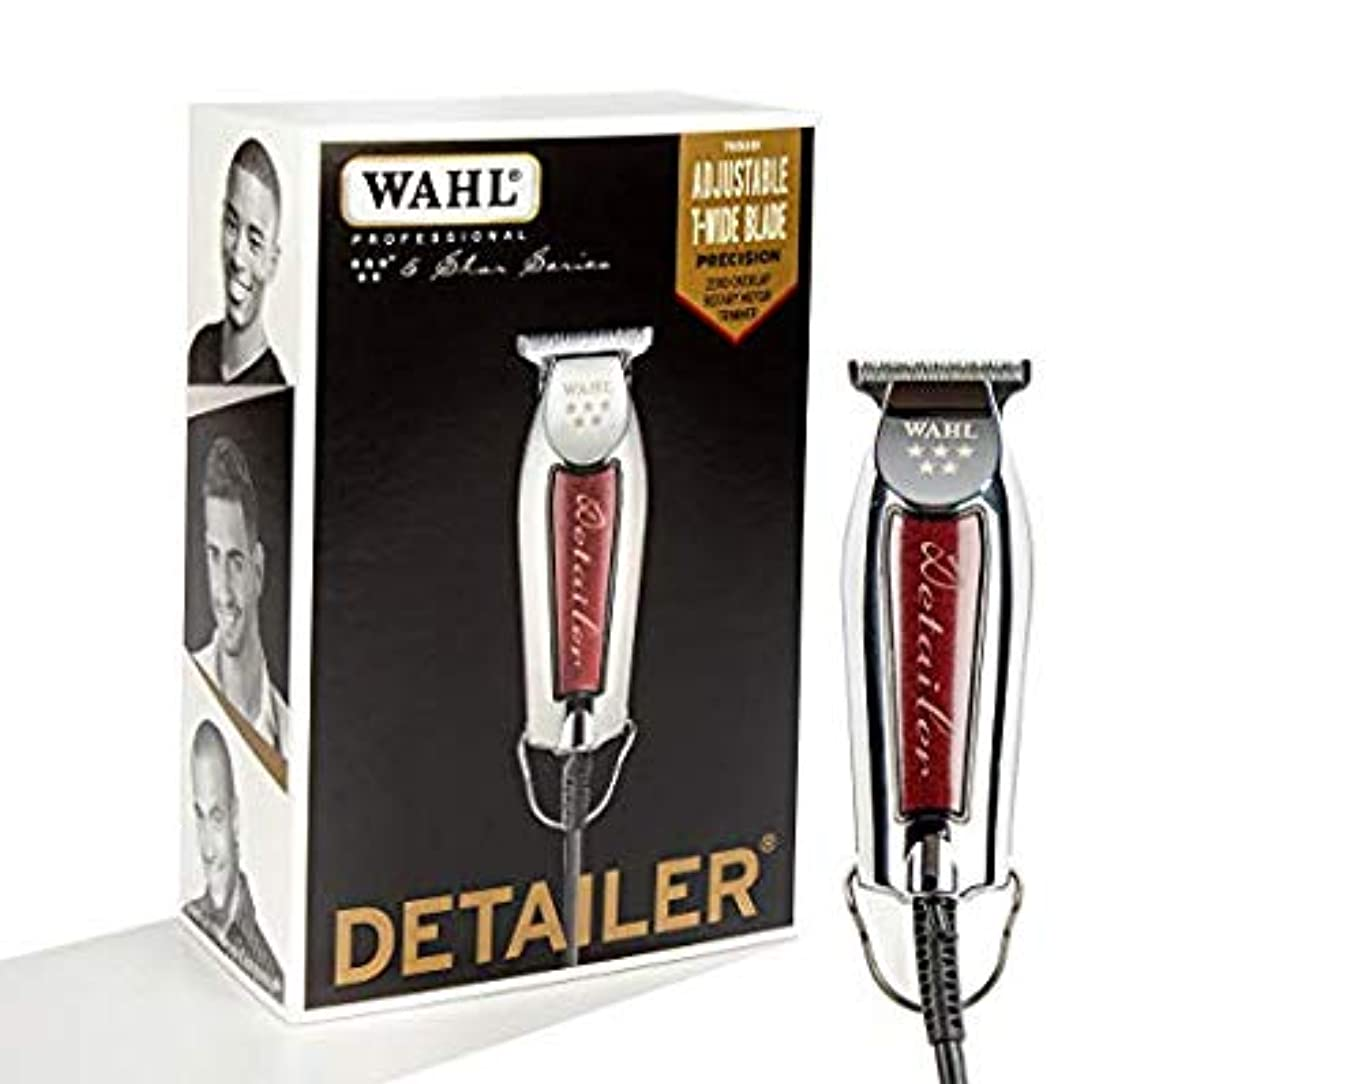 北へコーンウォールようこそ[Wahl ] [Professional Series Detailer #8081 - With Adjustable T-Blade, 3 Trimming Guides (1/16 inch - 1/4 inch...